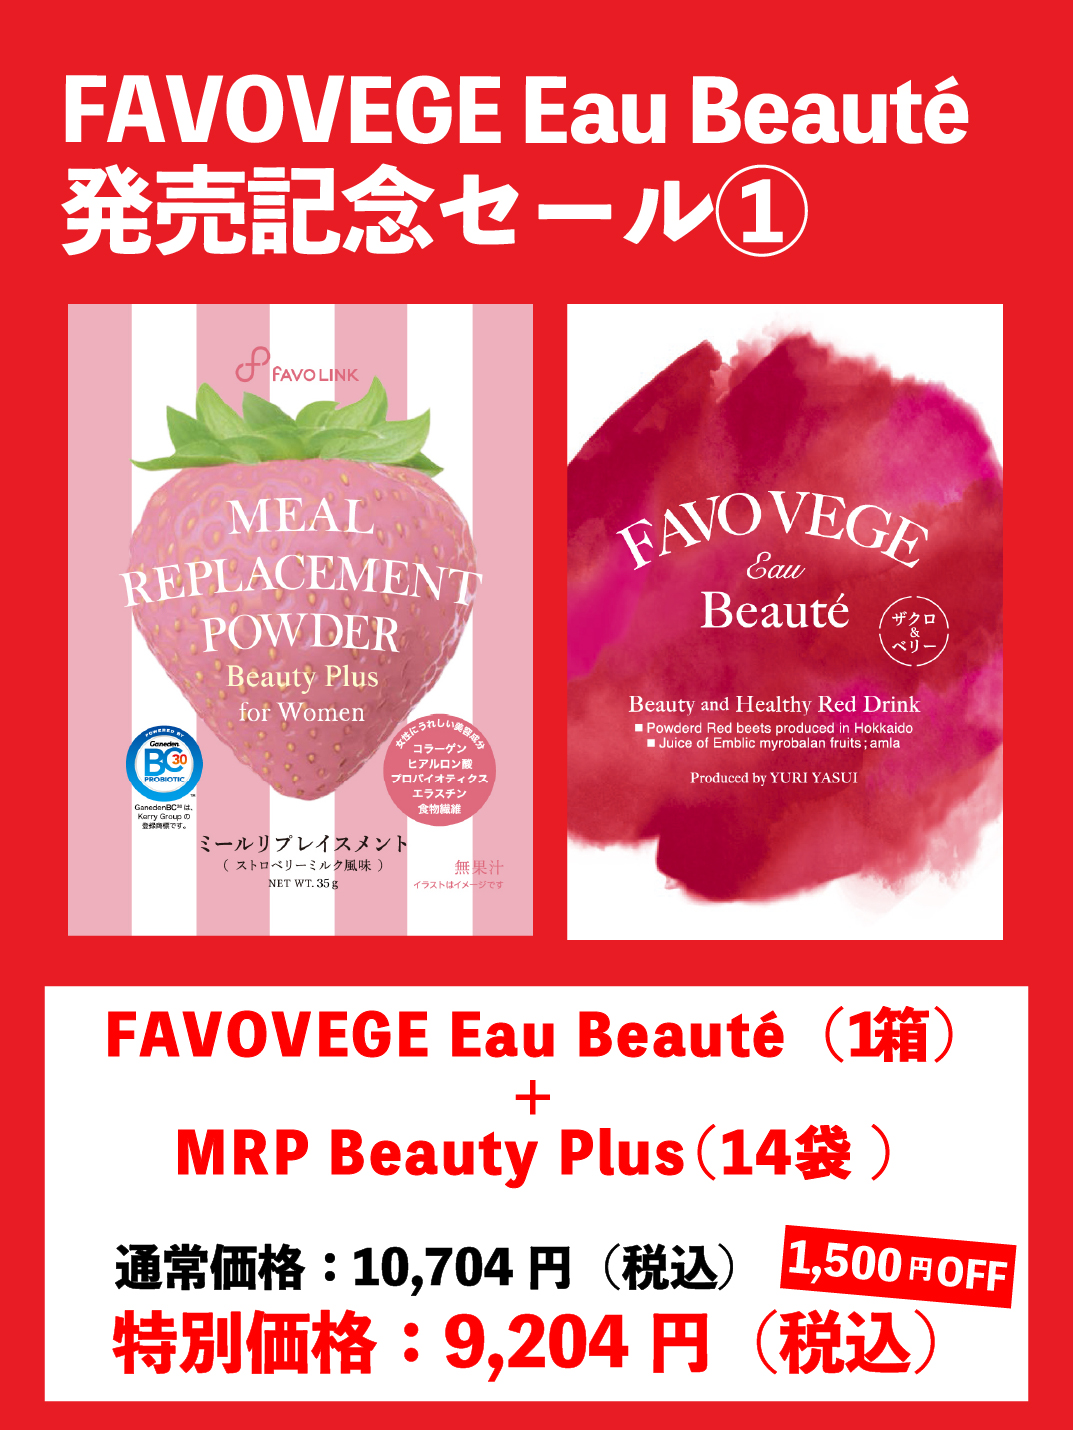 【発売記念�】FAVOVEGE Eau Beaute(1箱)+MRP Beauty Plus(14袋)